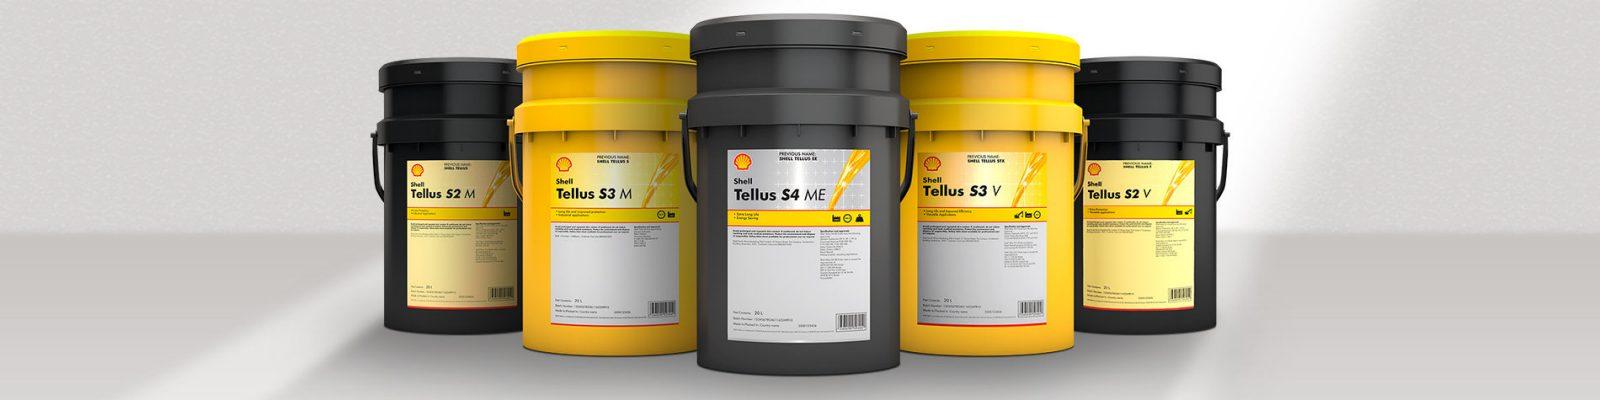 SHELL TELLUS HYDRAULIC OILS